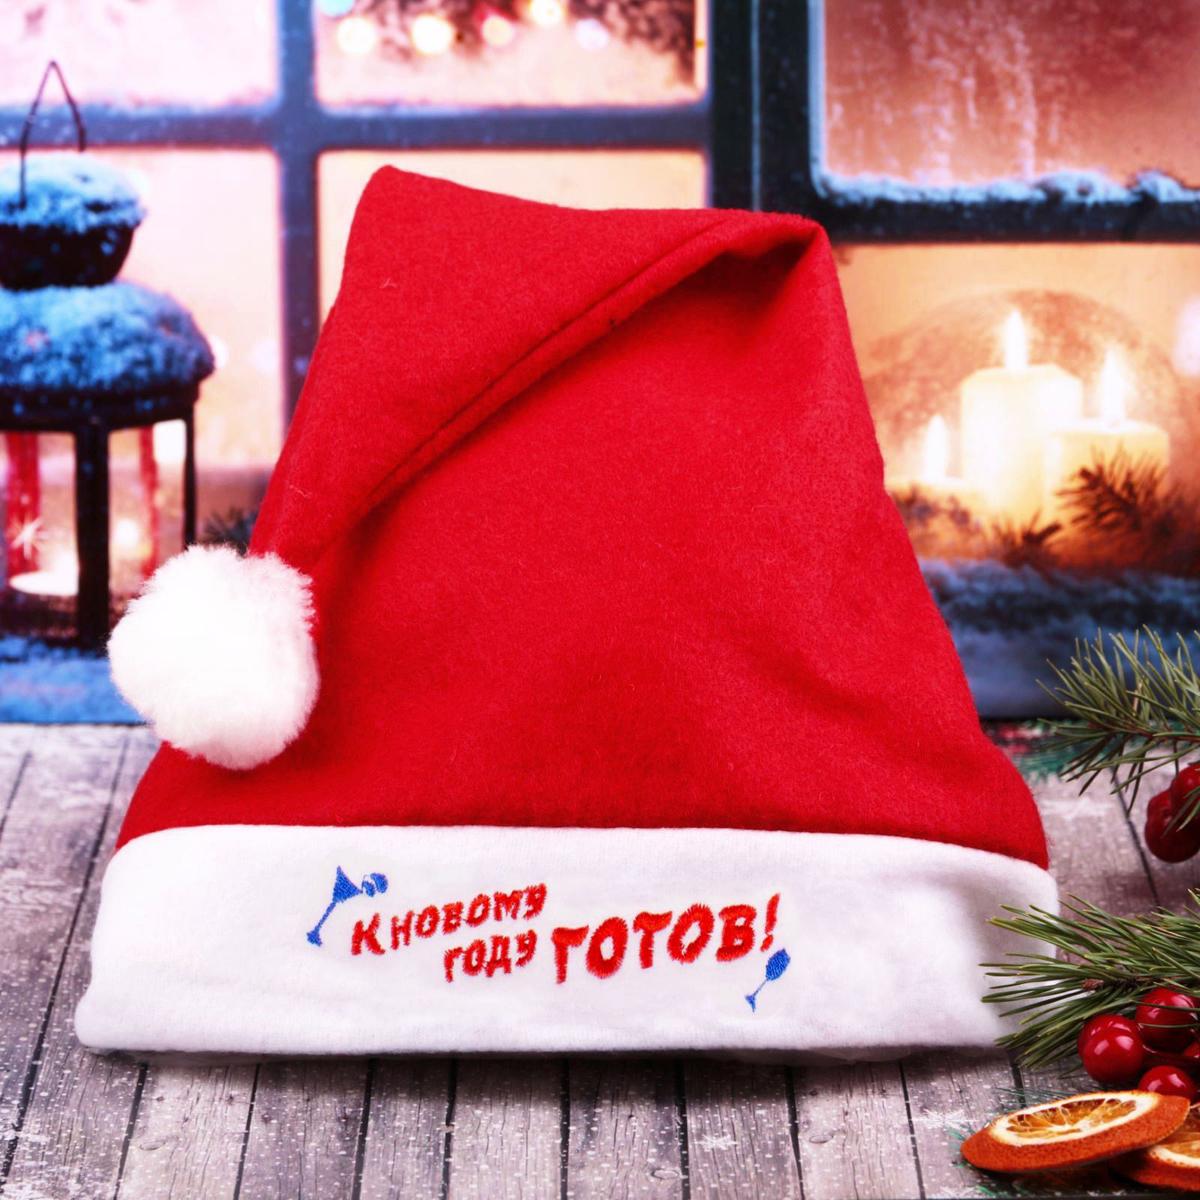 """Колпак """"К новому году готов!"""" — традиционный новогодний головной убор,  который дополнит любой праздничный костюм. Будет это корпоративная  вечеринка, утренник в школе или отдых в компании друзей — изделие поднимет  настроение, где бы вы ни находились. Колпачок подойдет тем, кто собирается  отмечать зимний праздник в помещении. В противном случае его следует надеть  на теплую шапку, чтобы не простудиться."""